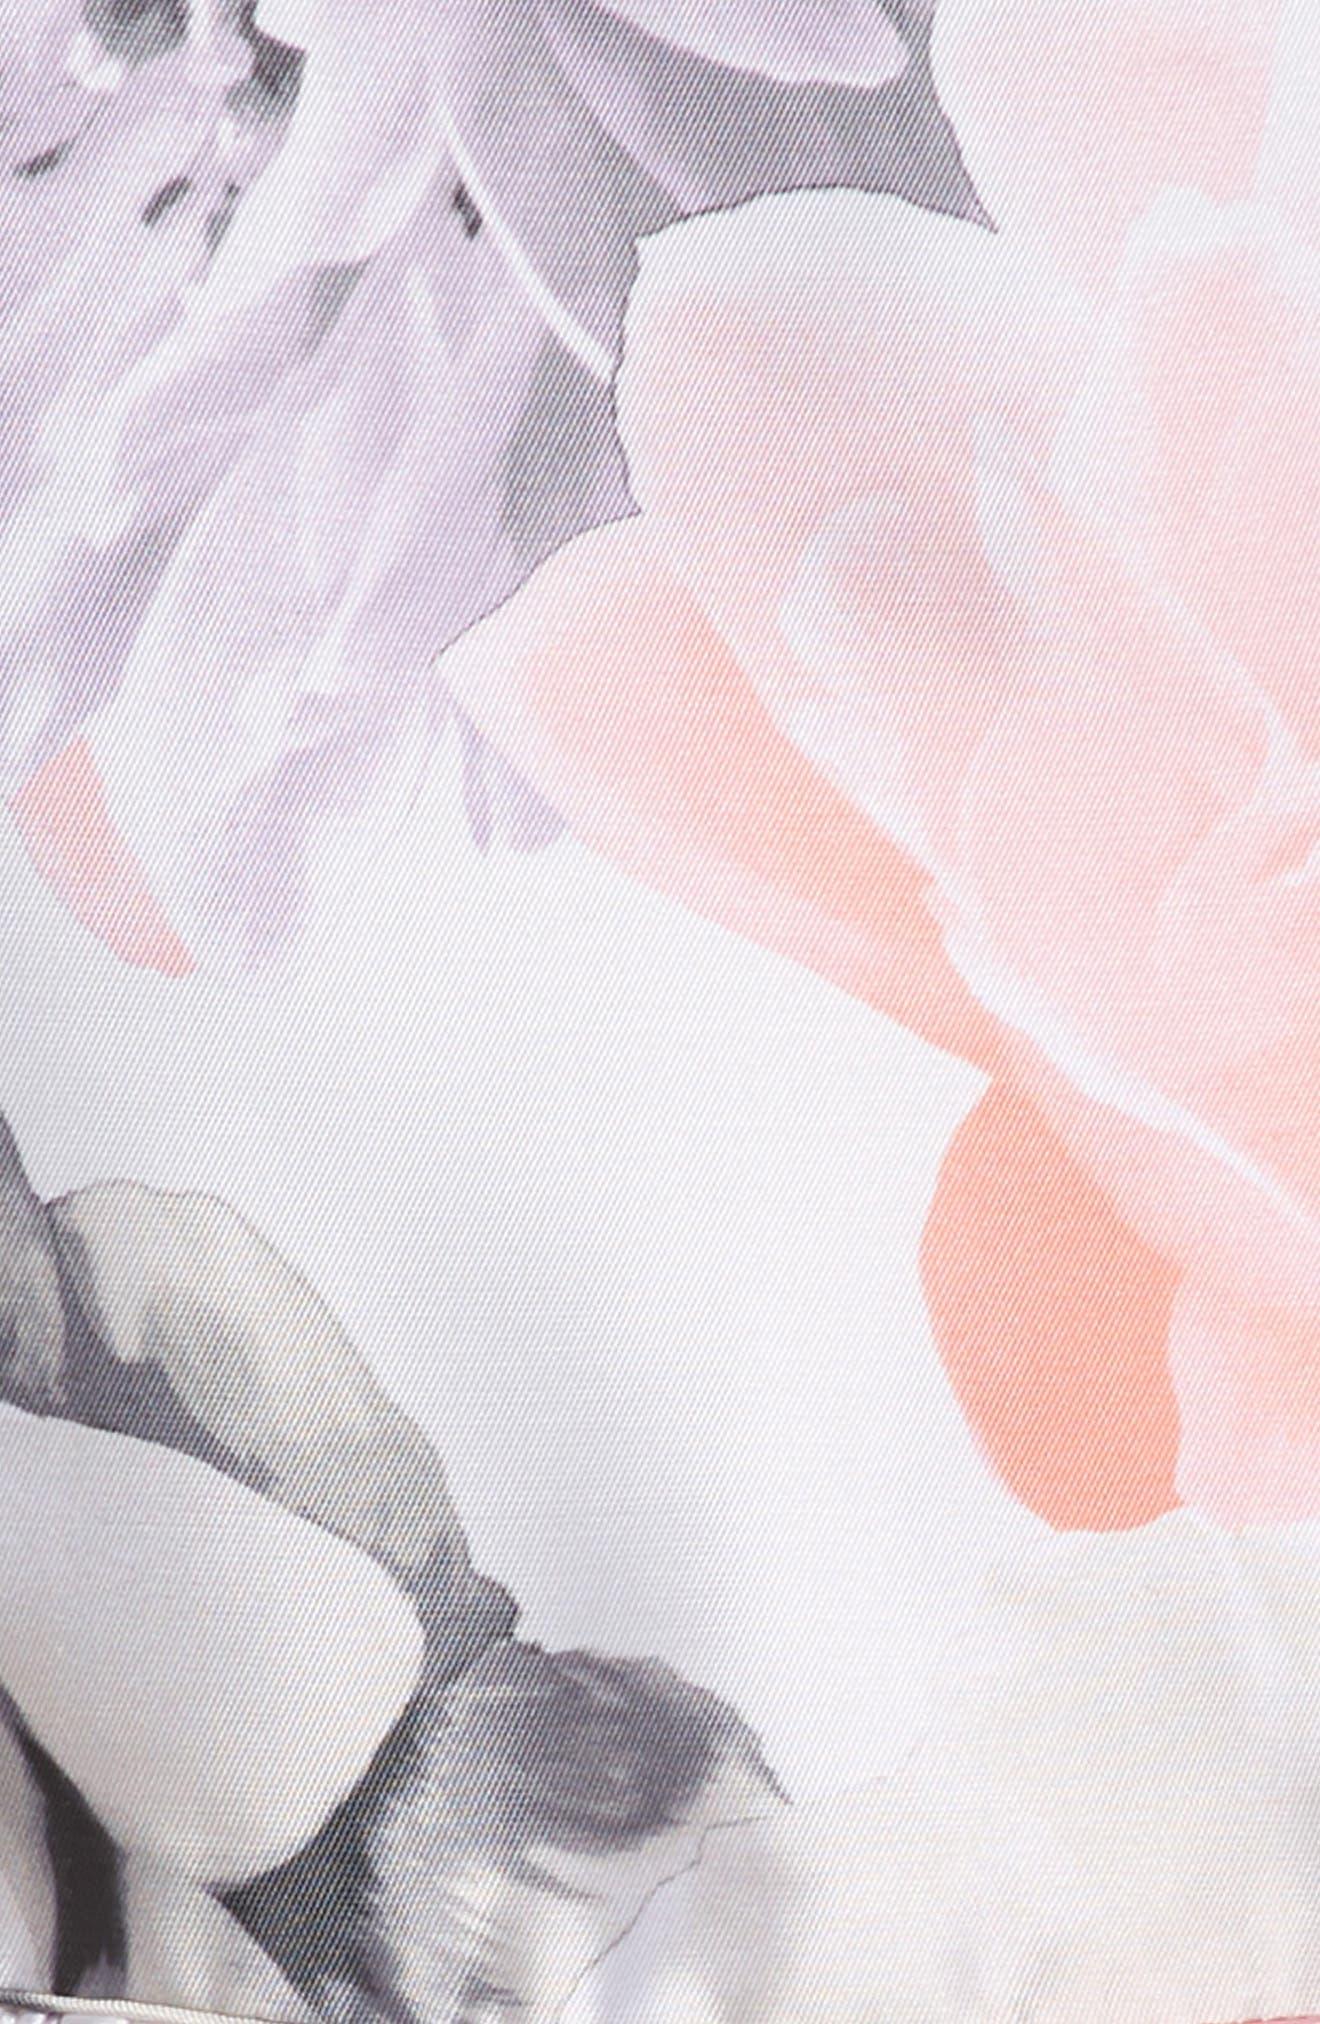 Floral Print Party Dress,                             Alternate thumbnail 3, color,                             900